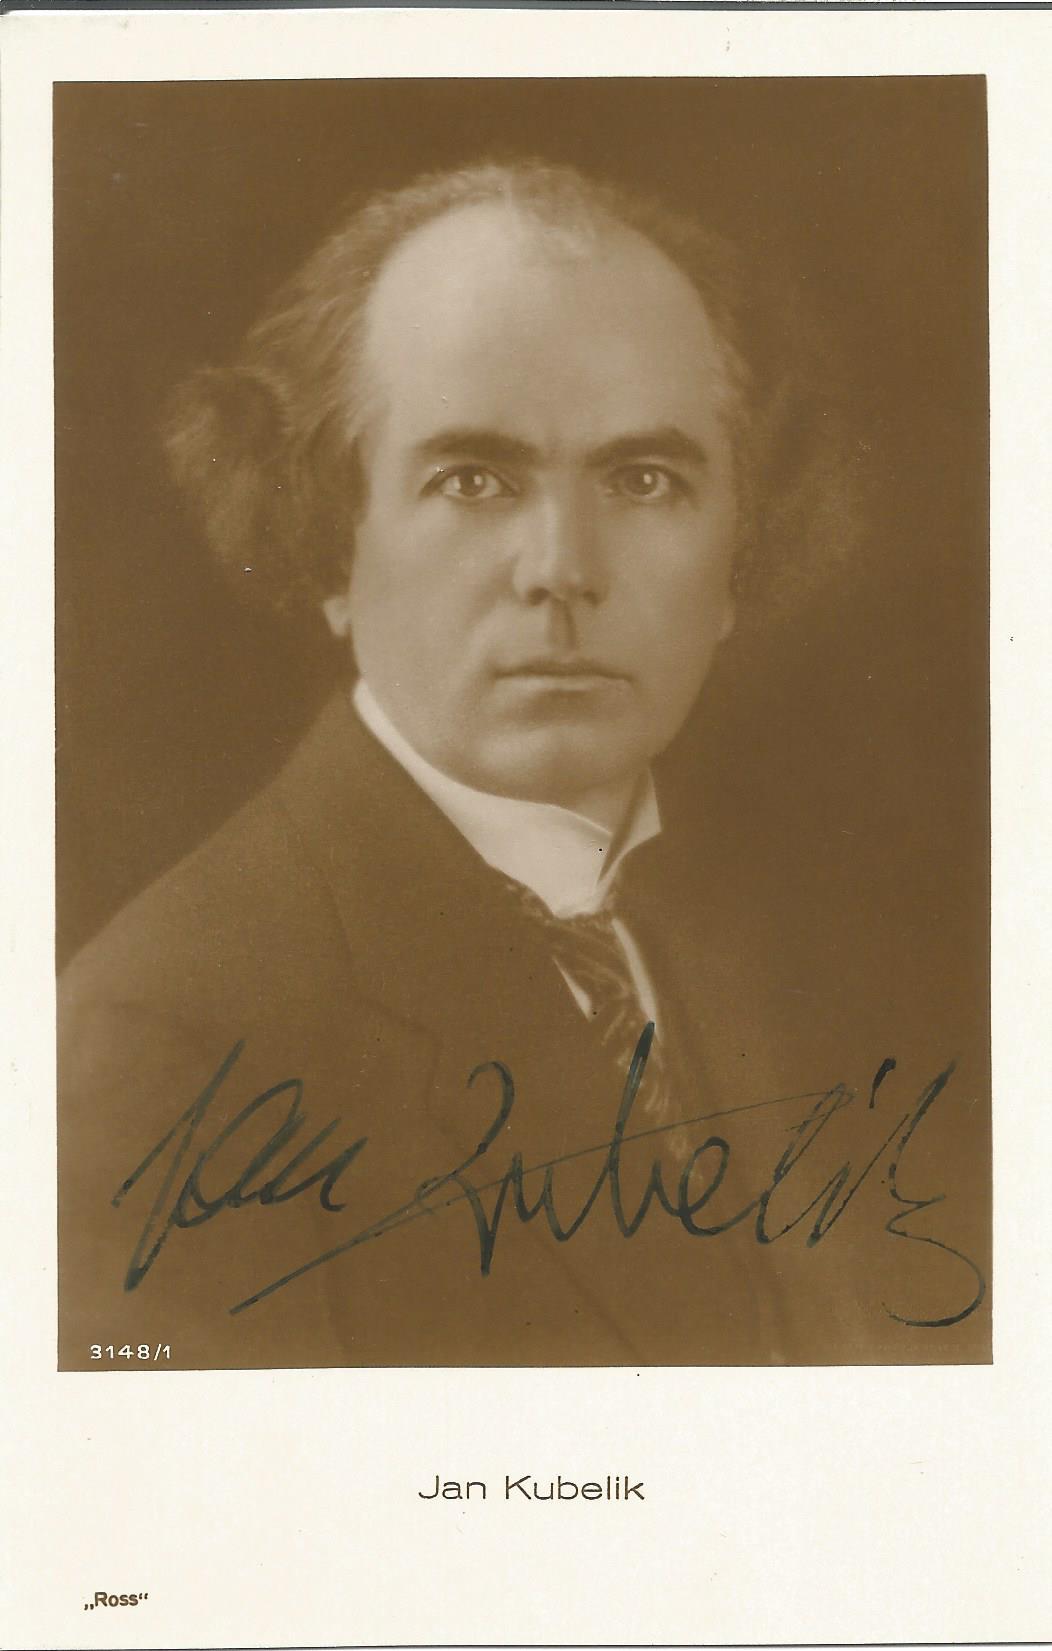 Violinist Jan Kubelik signed vintage 5½x3½ black and white postcard. Jan Kubelík 5 July 1880 - 5